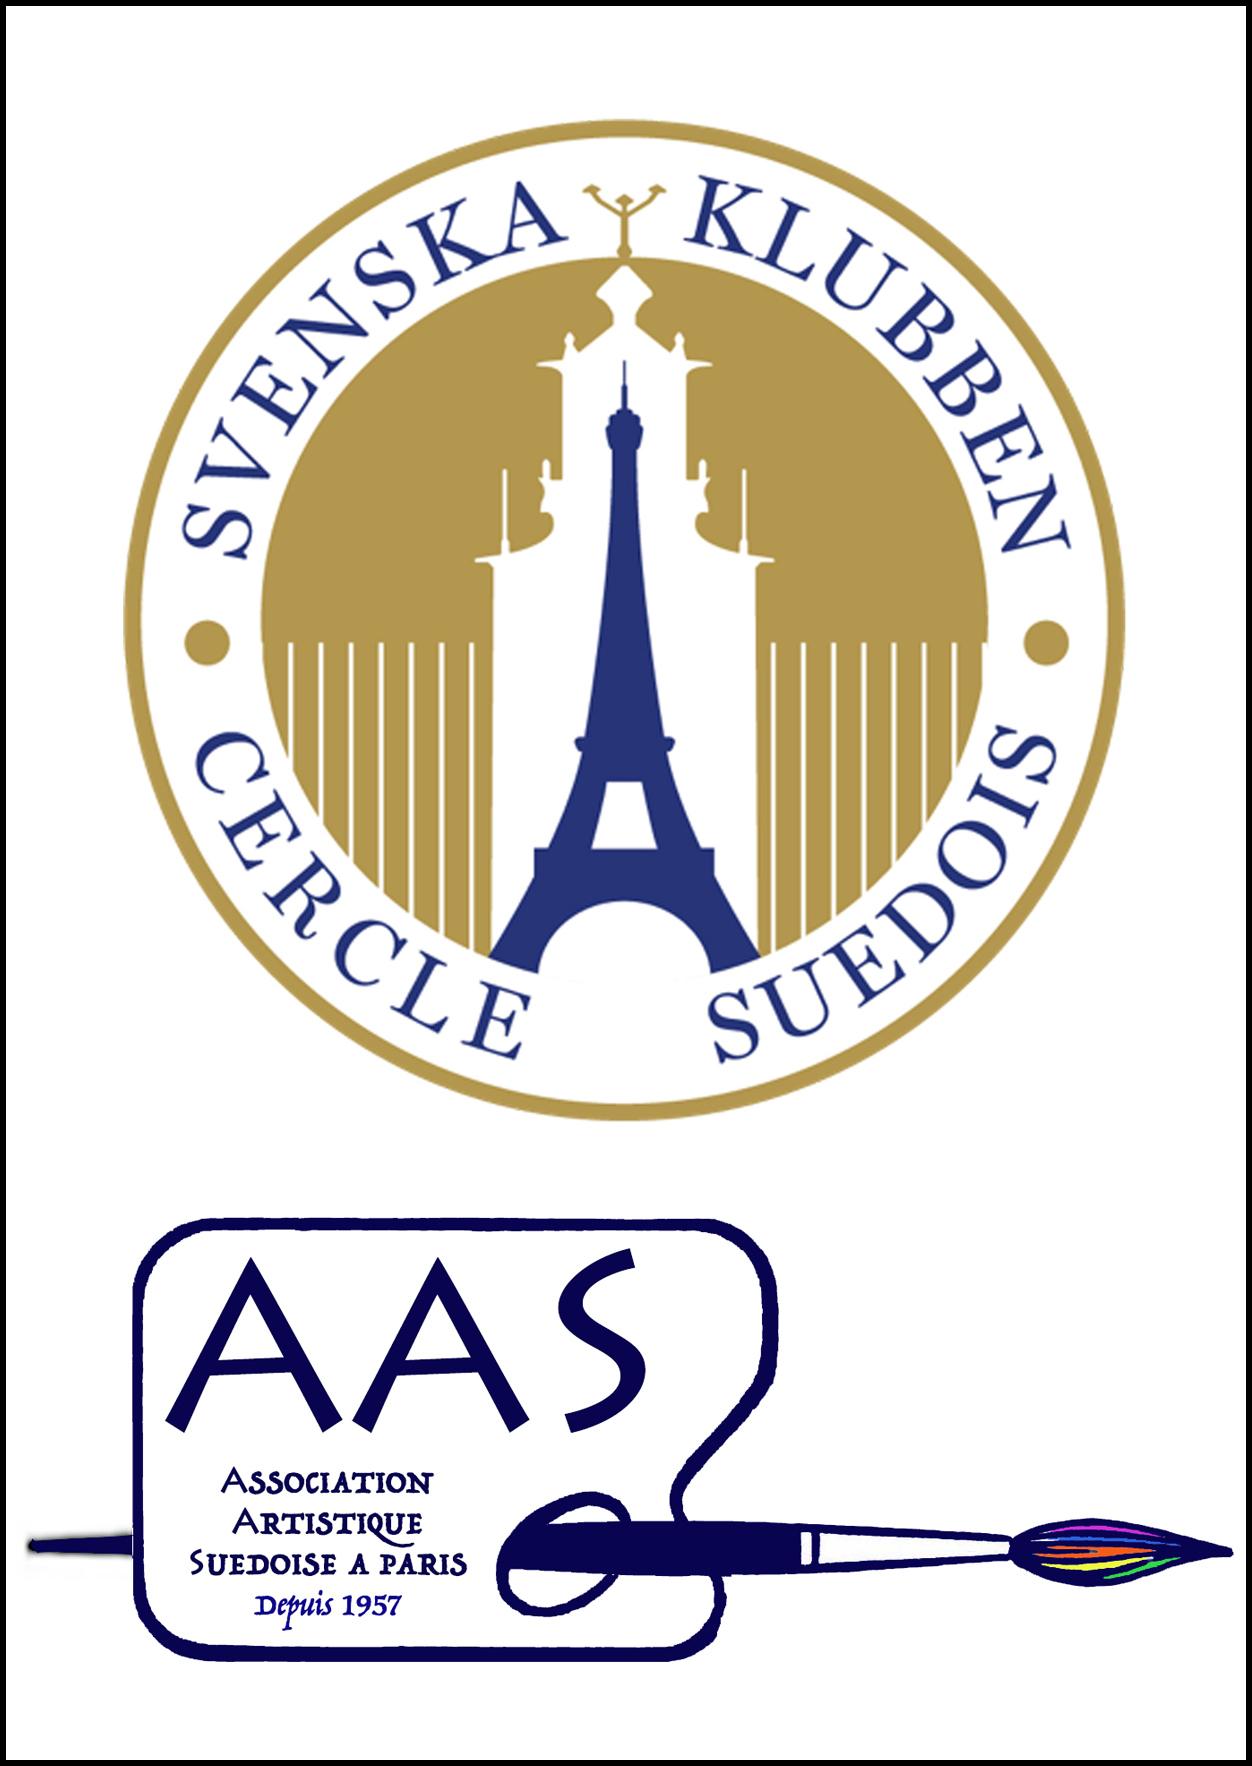 CERCLE SUEDOIS - PARIS, FRANCEExpo: 15/05/2018 - 05/06/2018Vernissage 15/05/2018 (17h00-21h00)